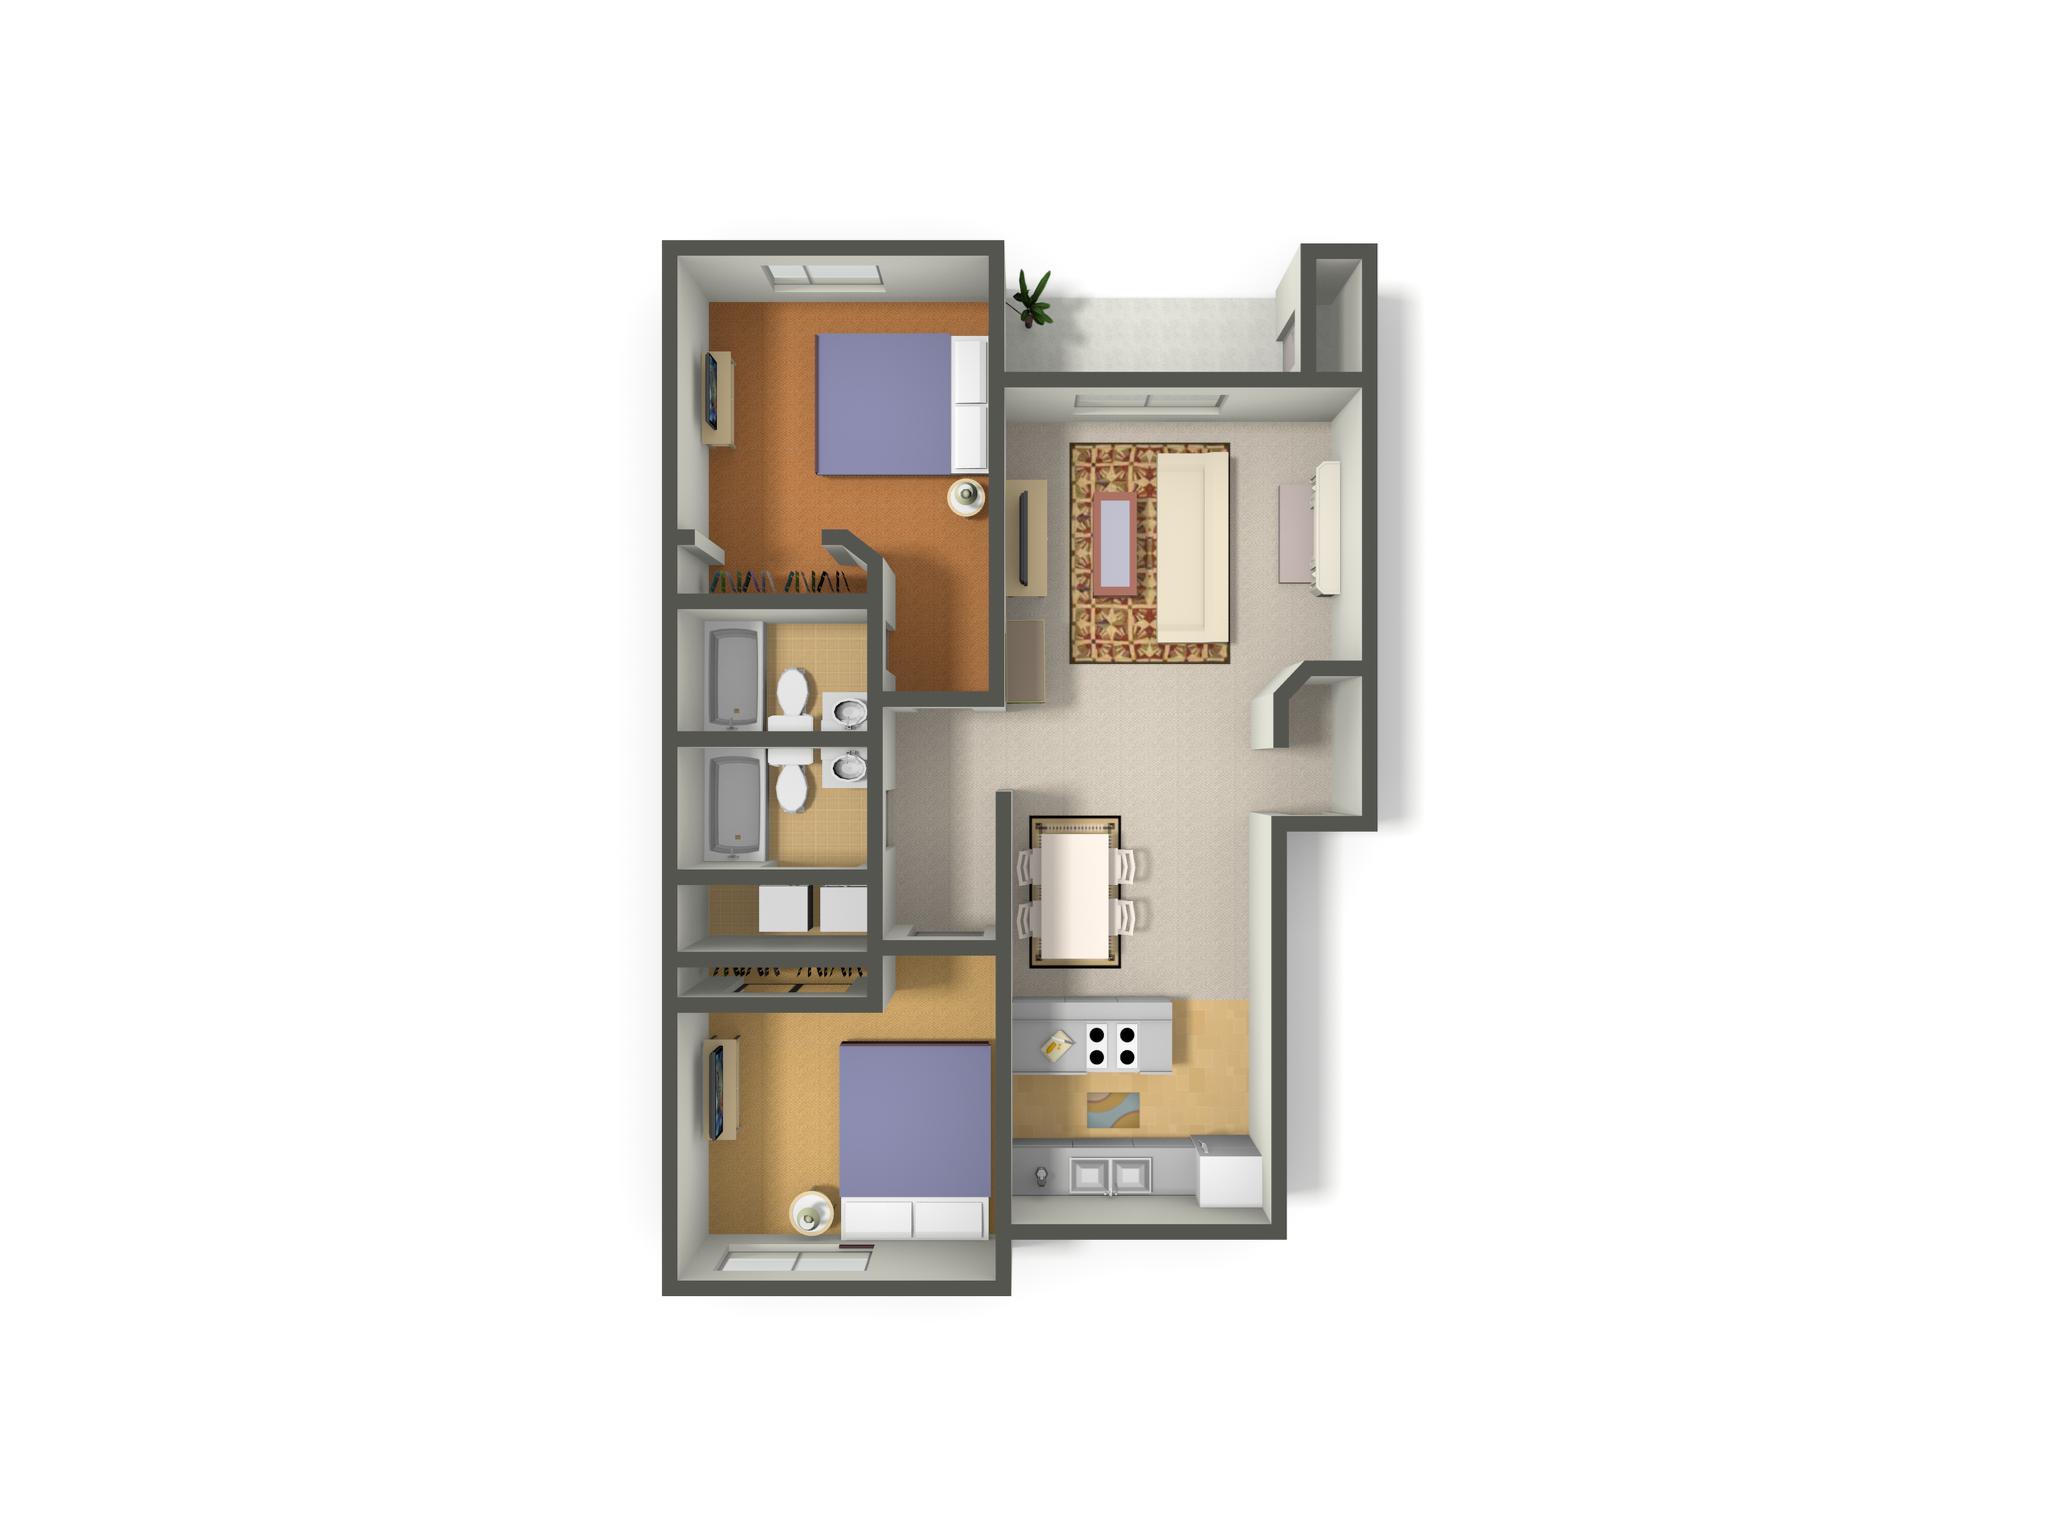 2 Bed-2 Bath Classic Floor Plan 4